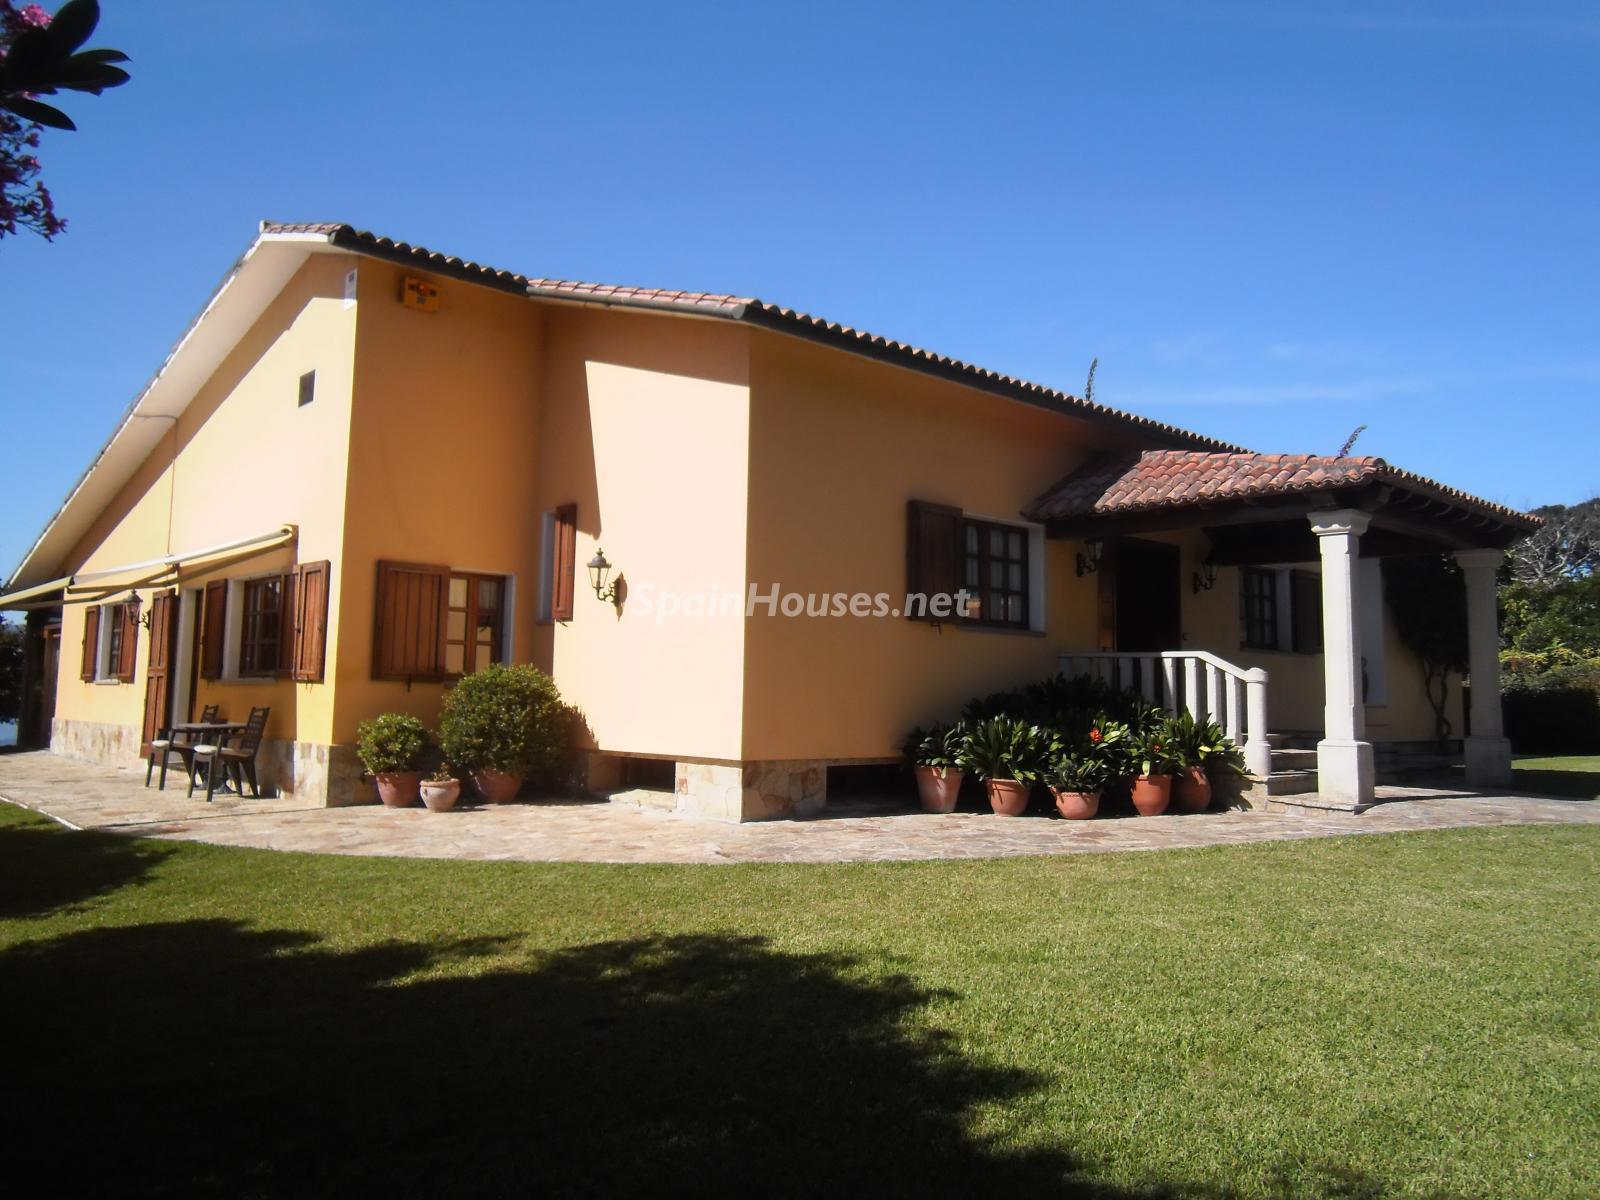 Foto 41 - Chalet independiente en venta en Oleiros, Ref: 1825929